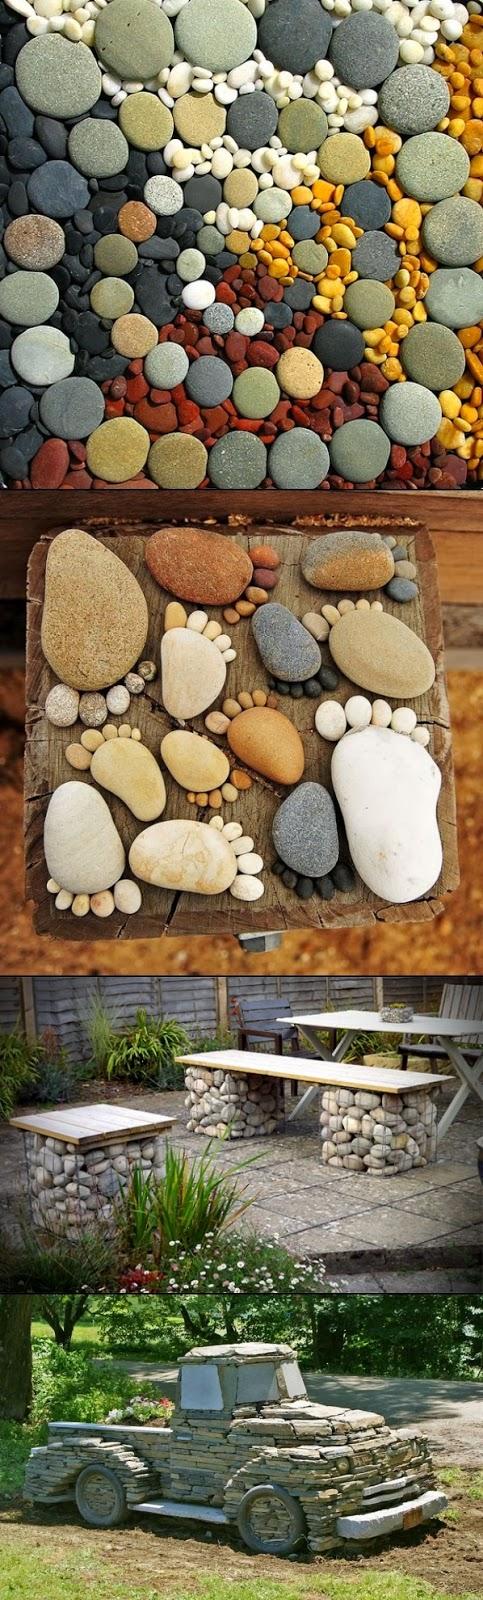 earth art is good feng shui